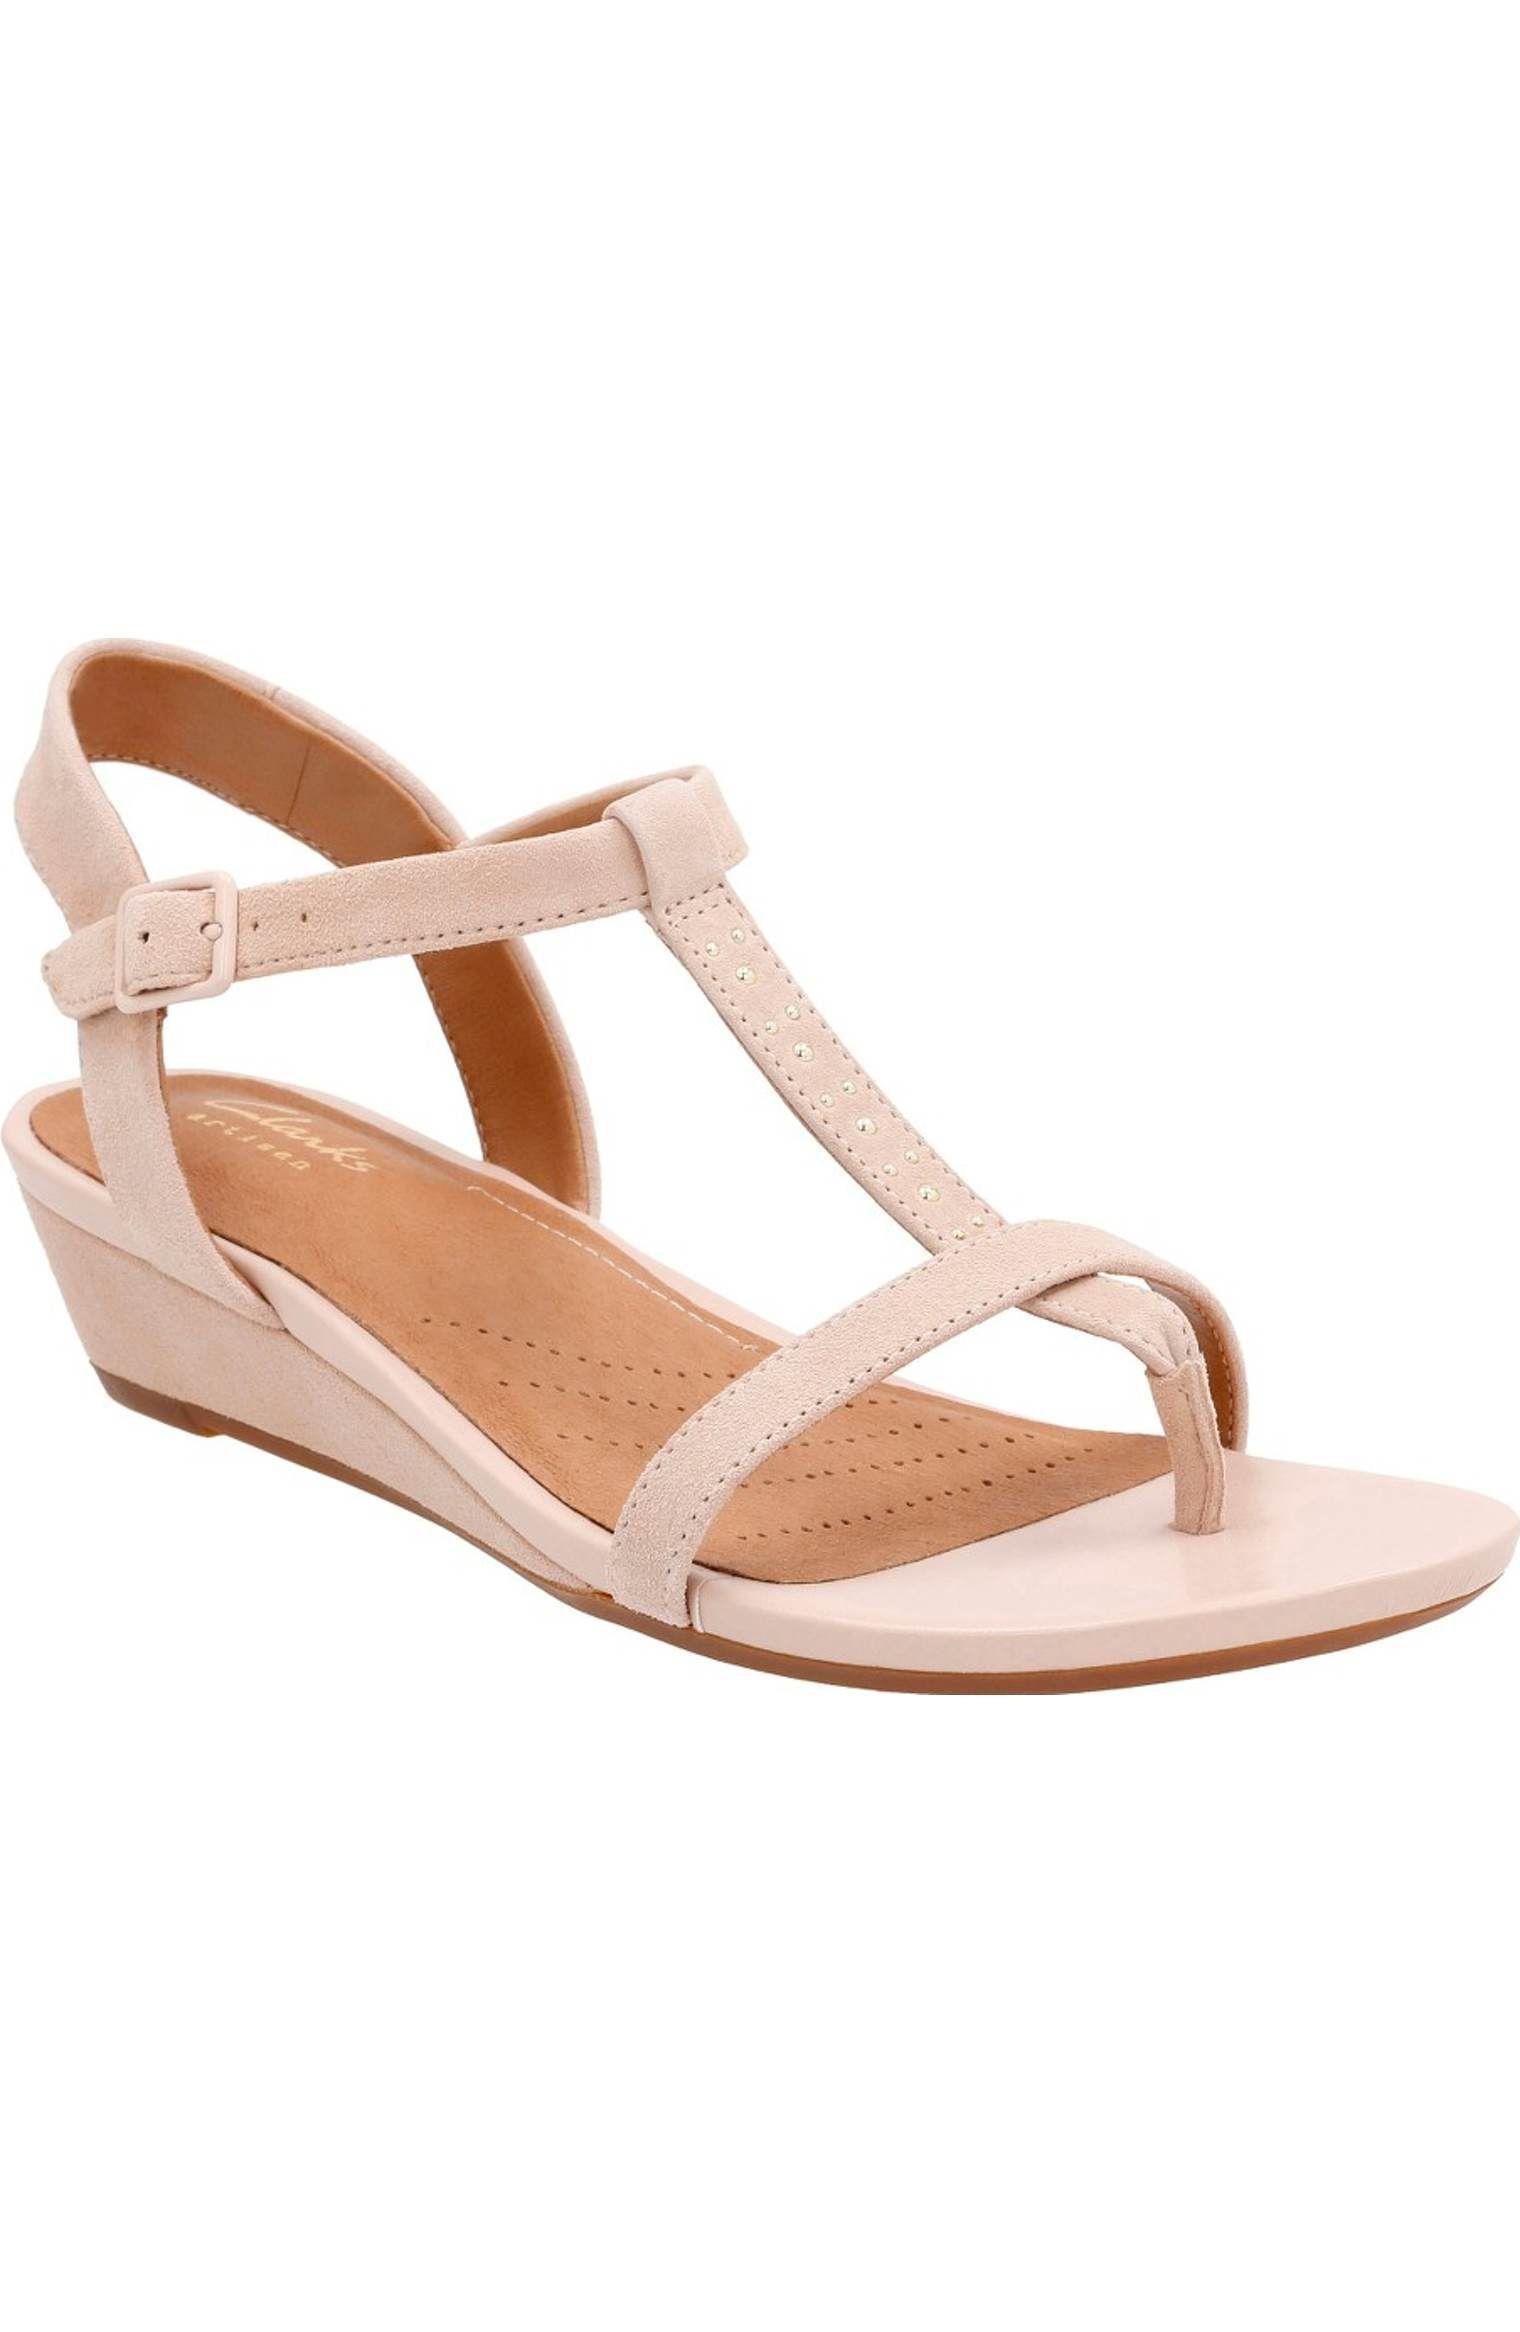 Main Image - Clarks® Parram Blanc Sandal (Women)